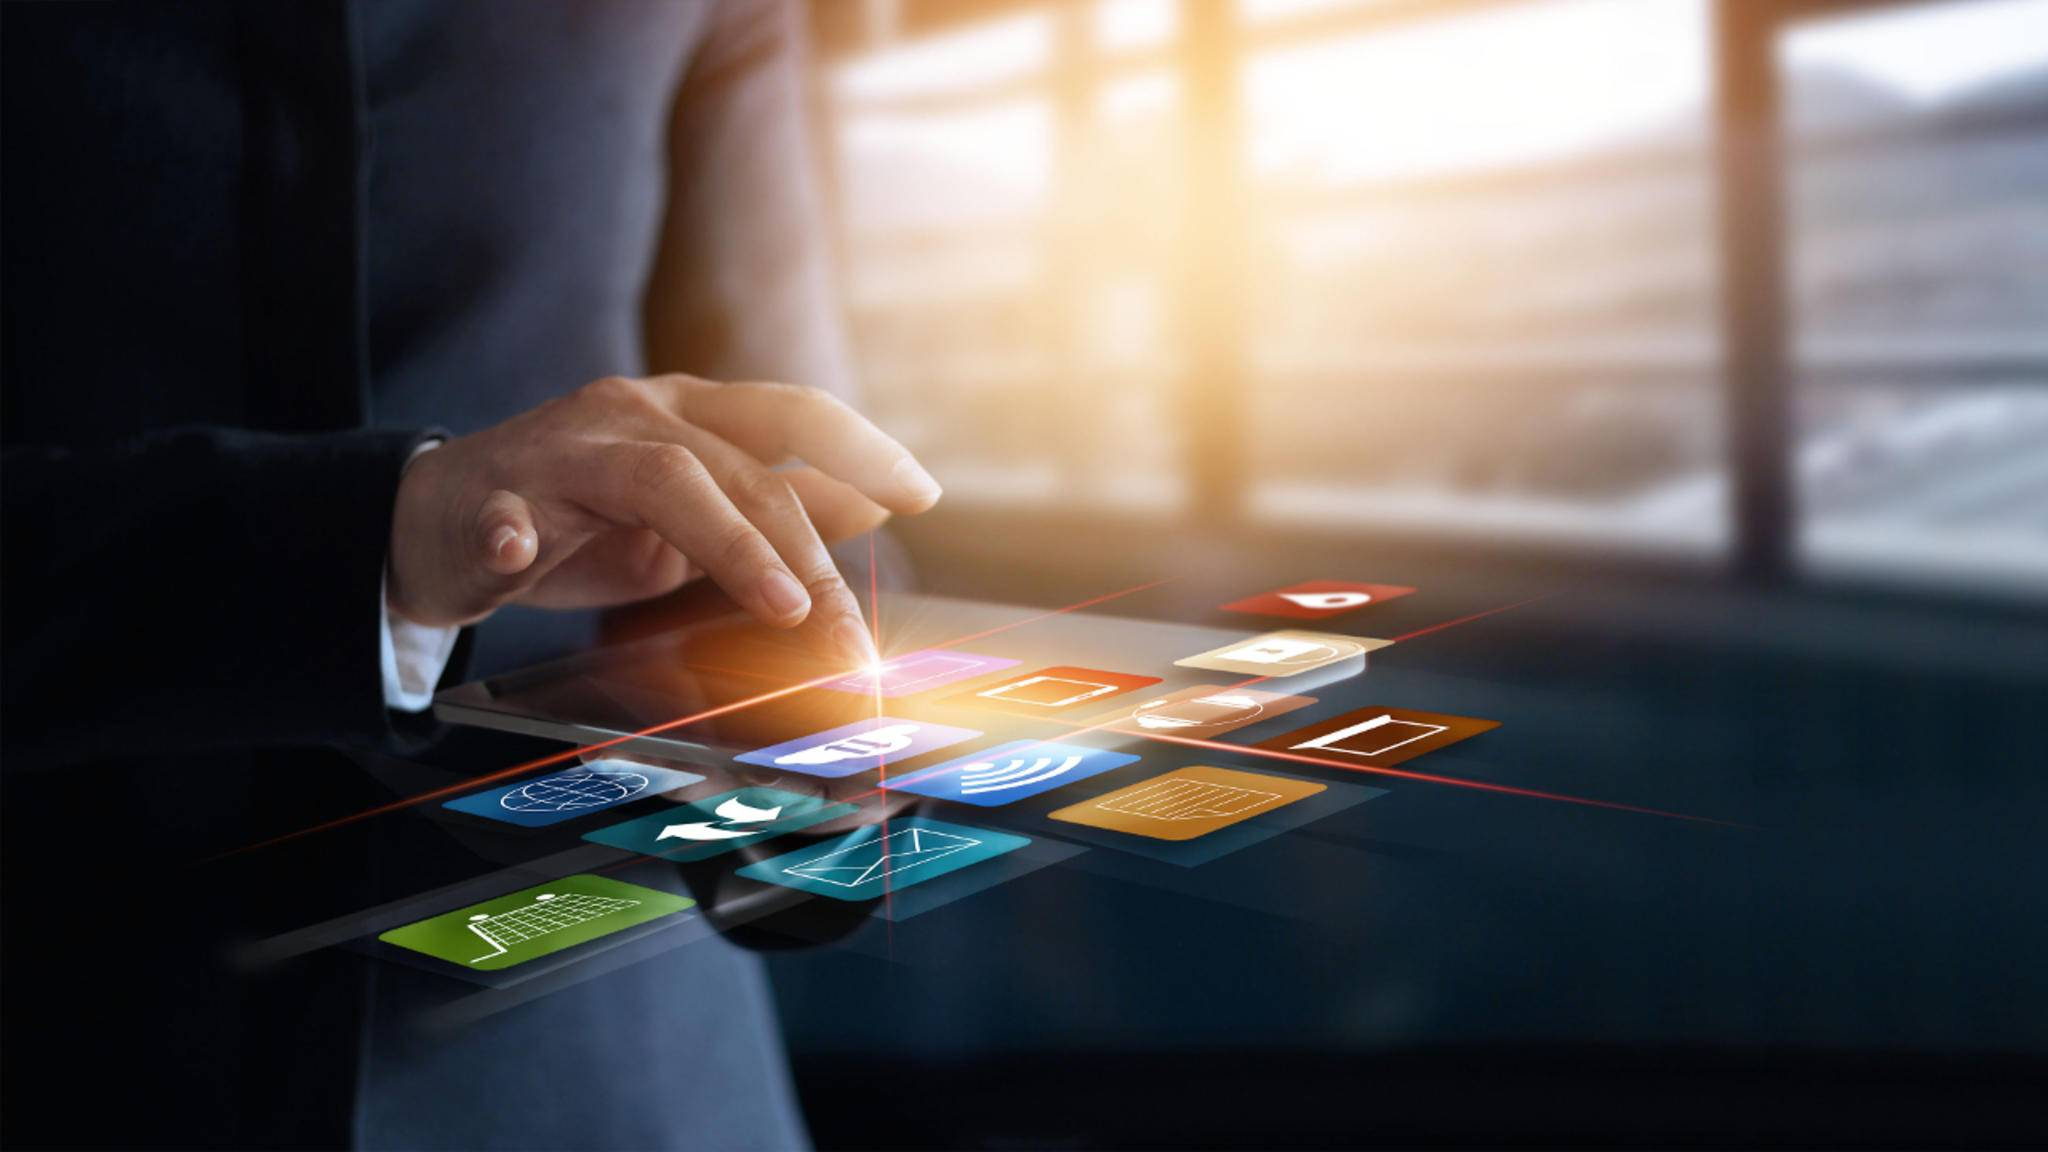 Wir stellen vier Technologien vor, die in den nächsten zehn Jahren wichtig werden.